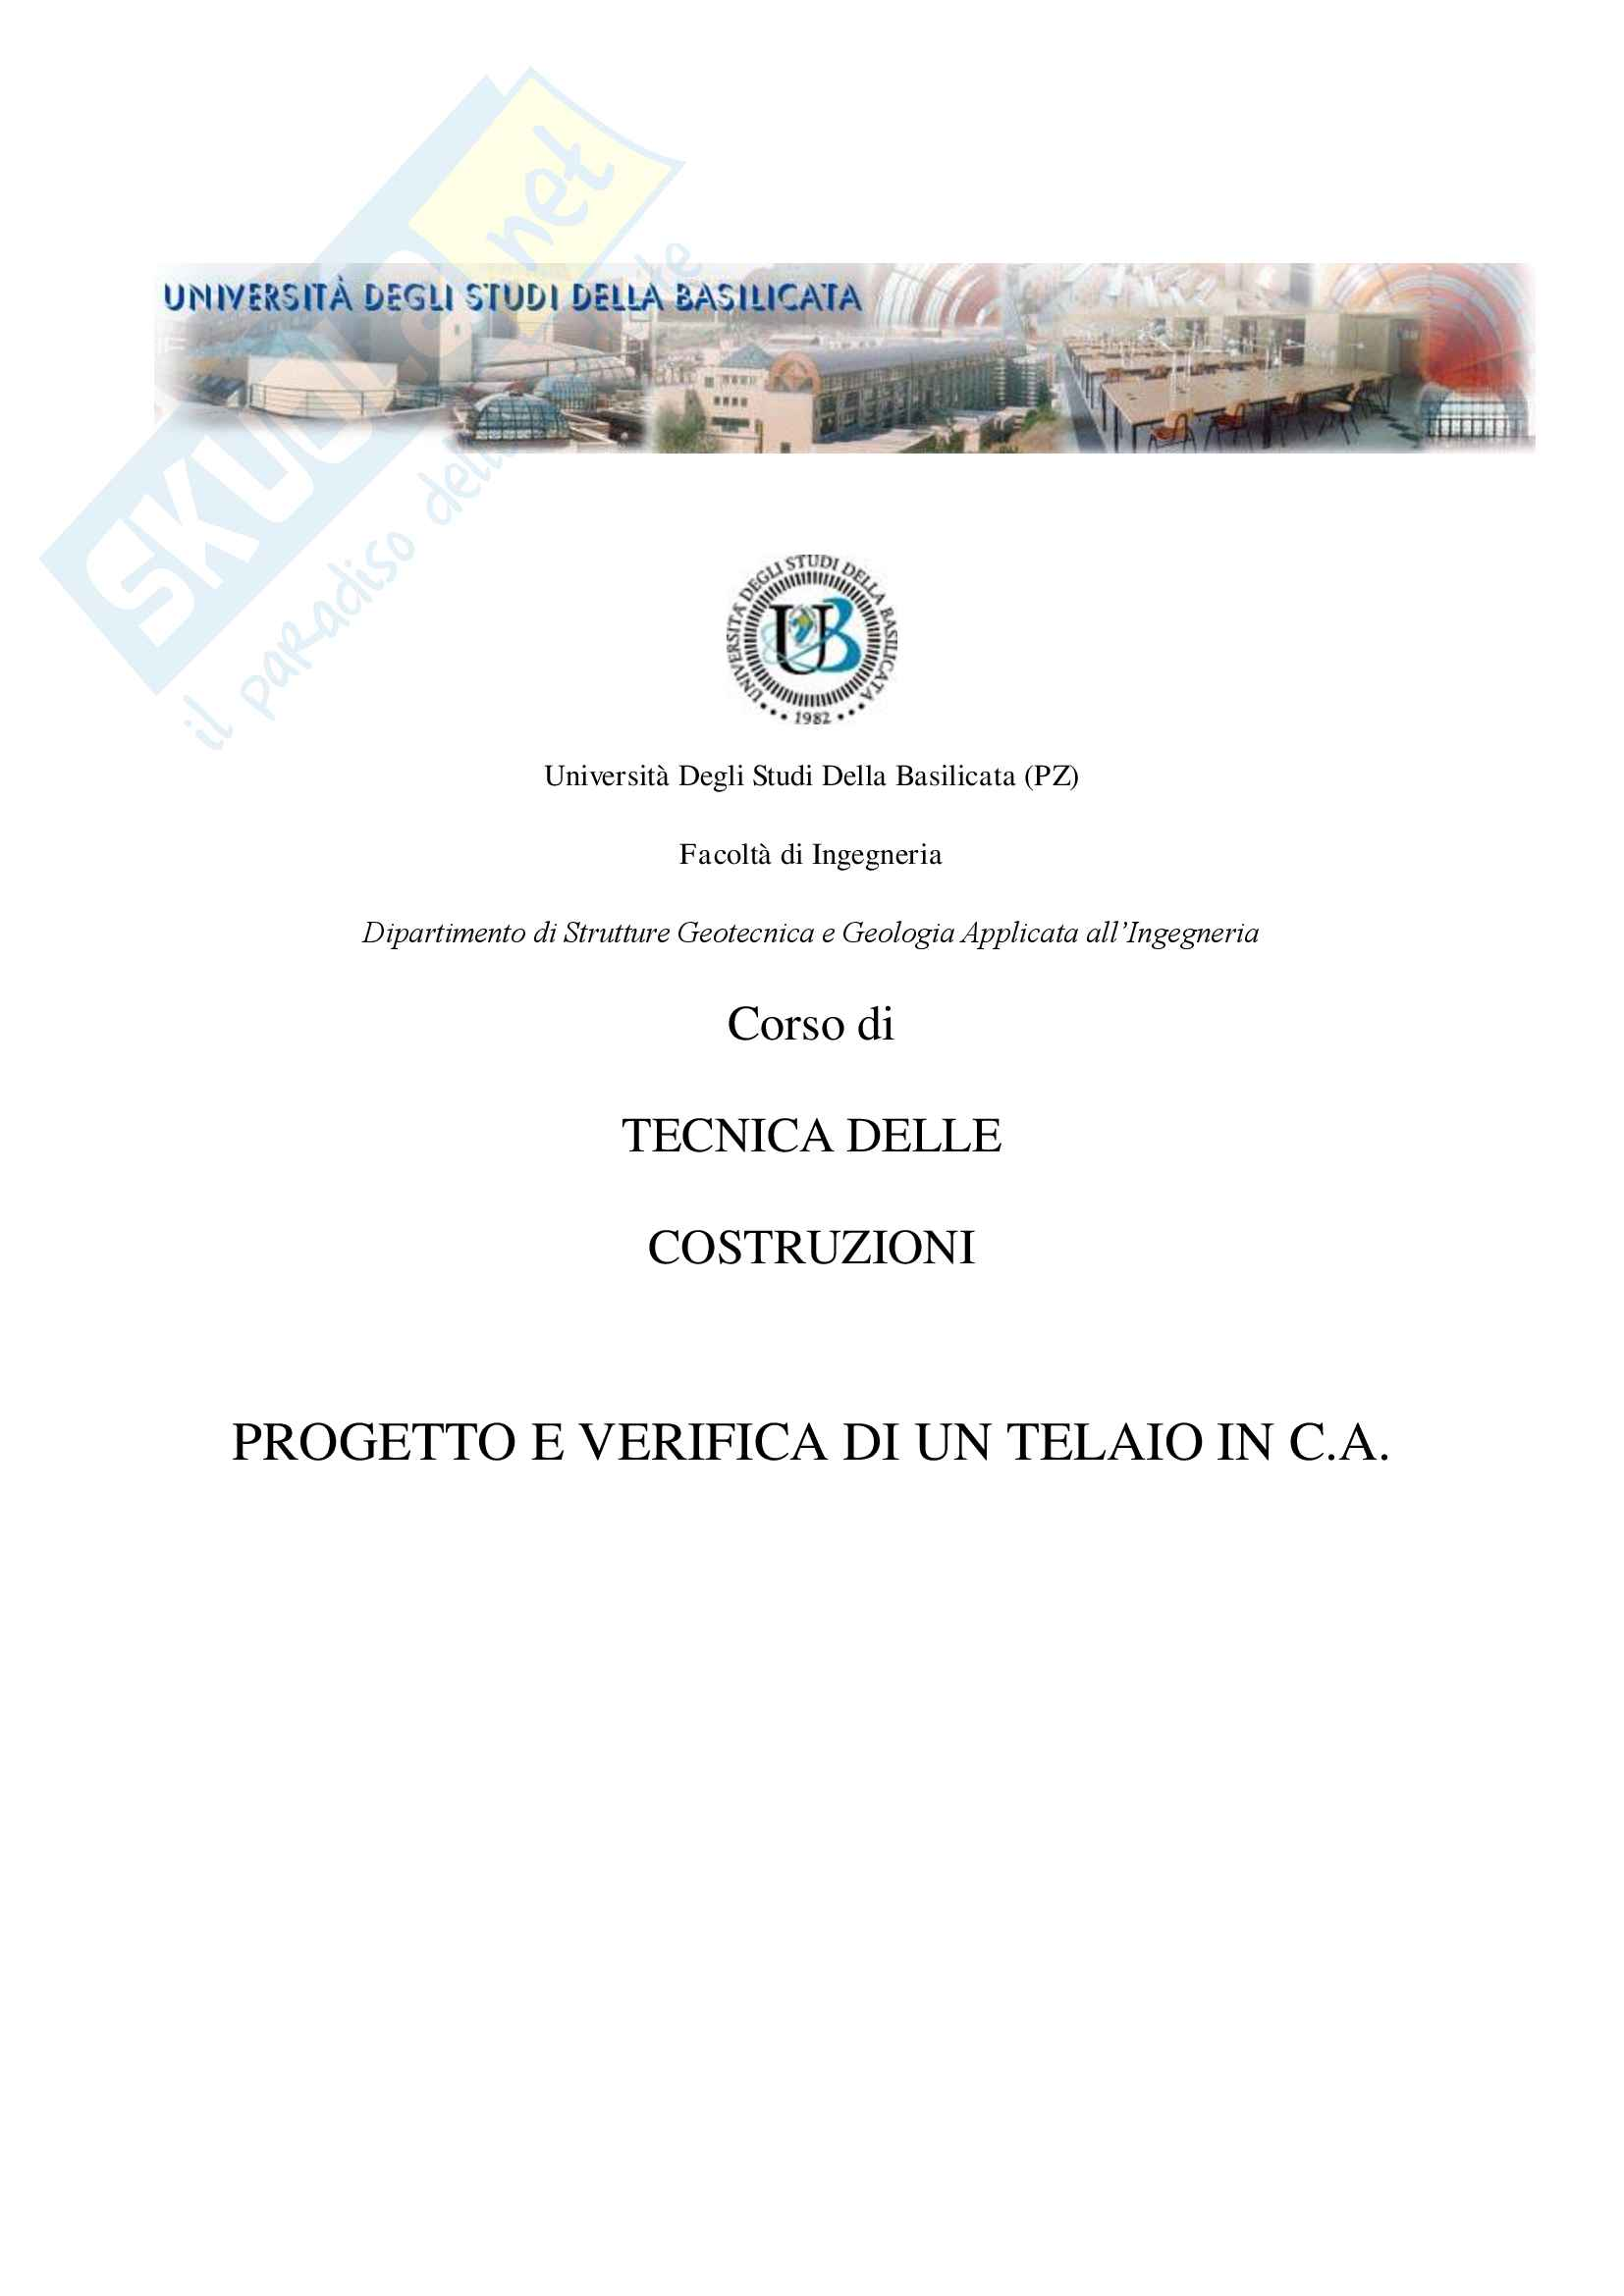 Progetto Telaio con allegate Tavole Progettuali